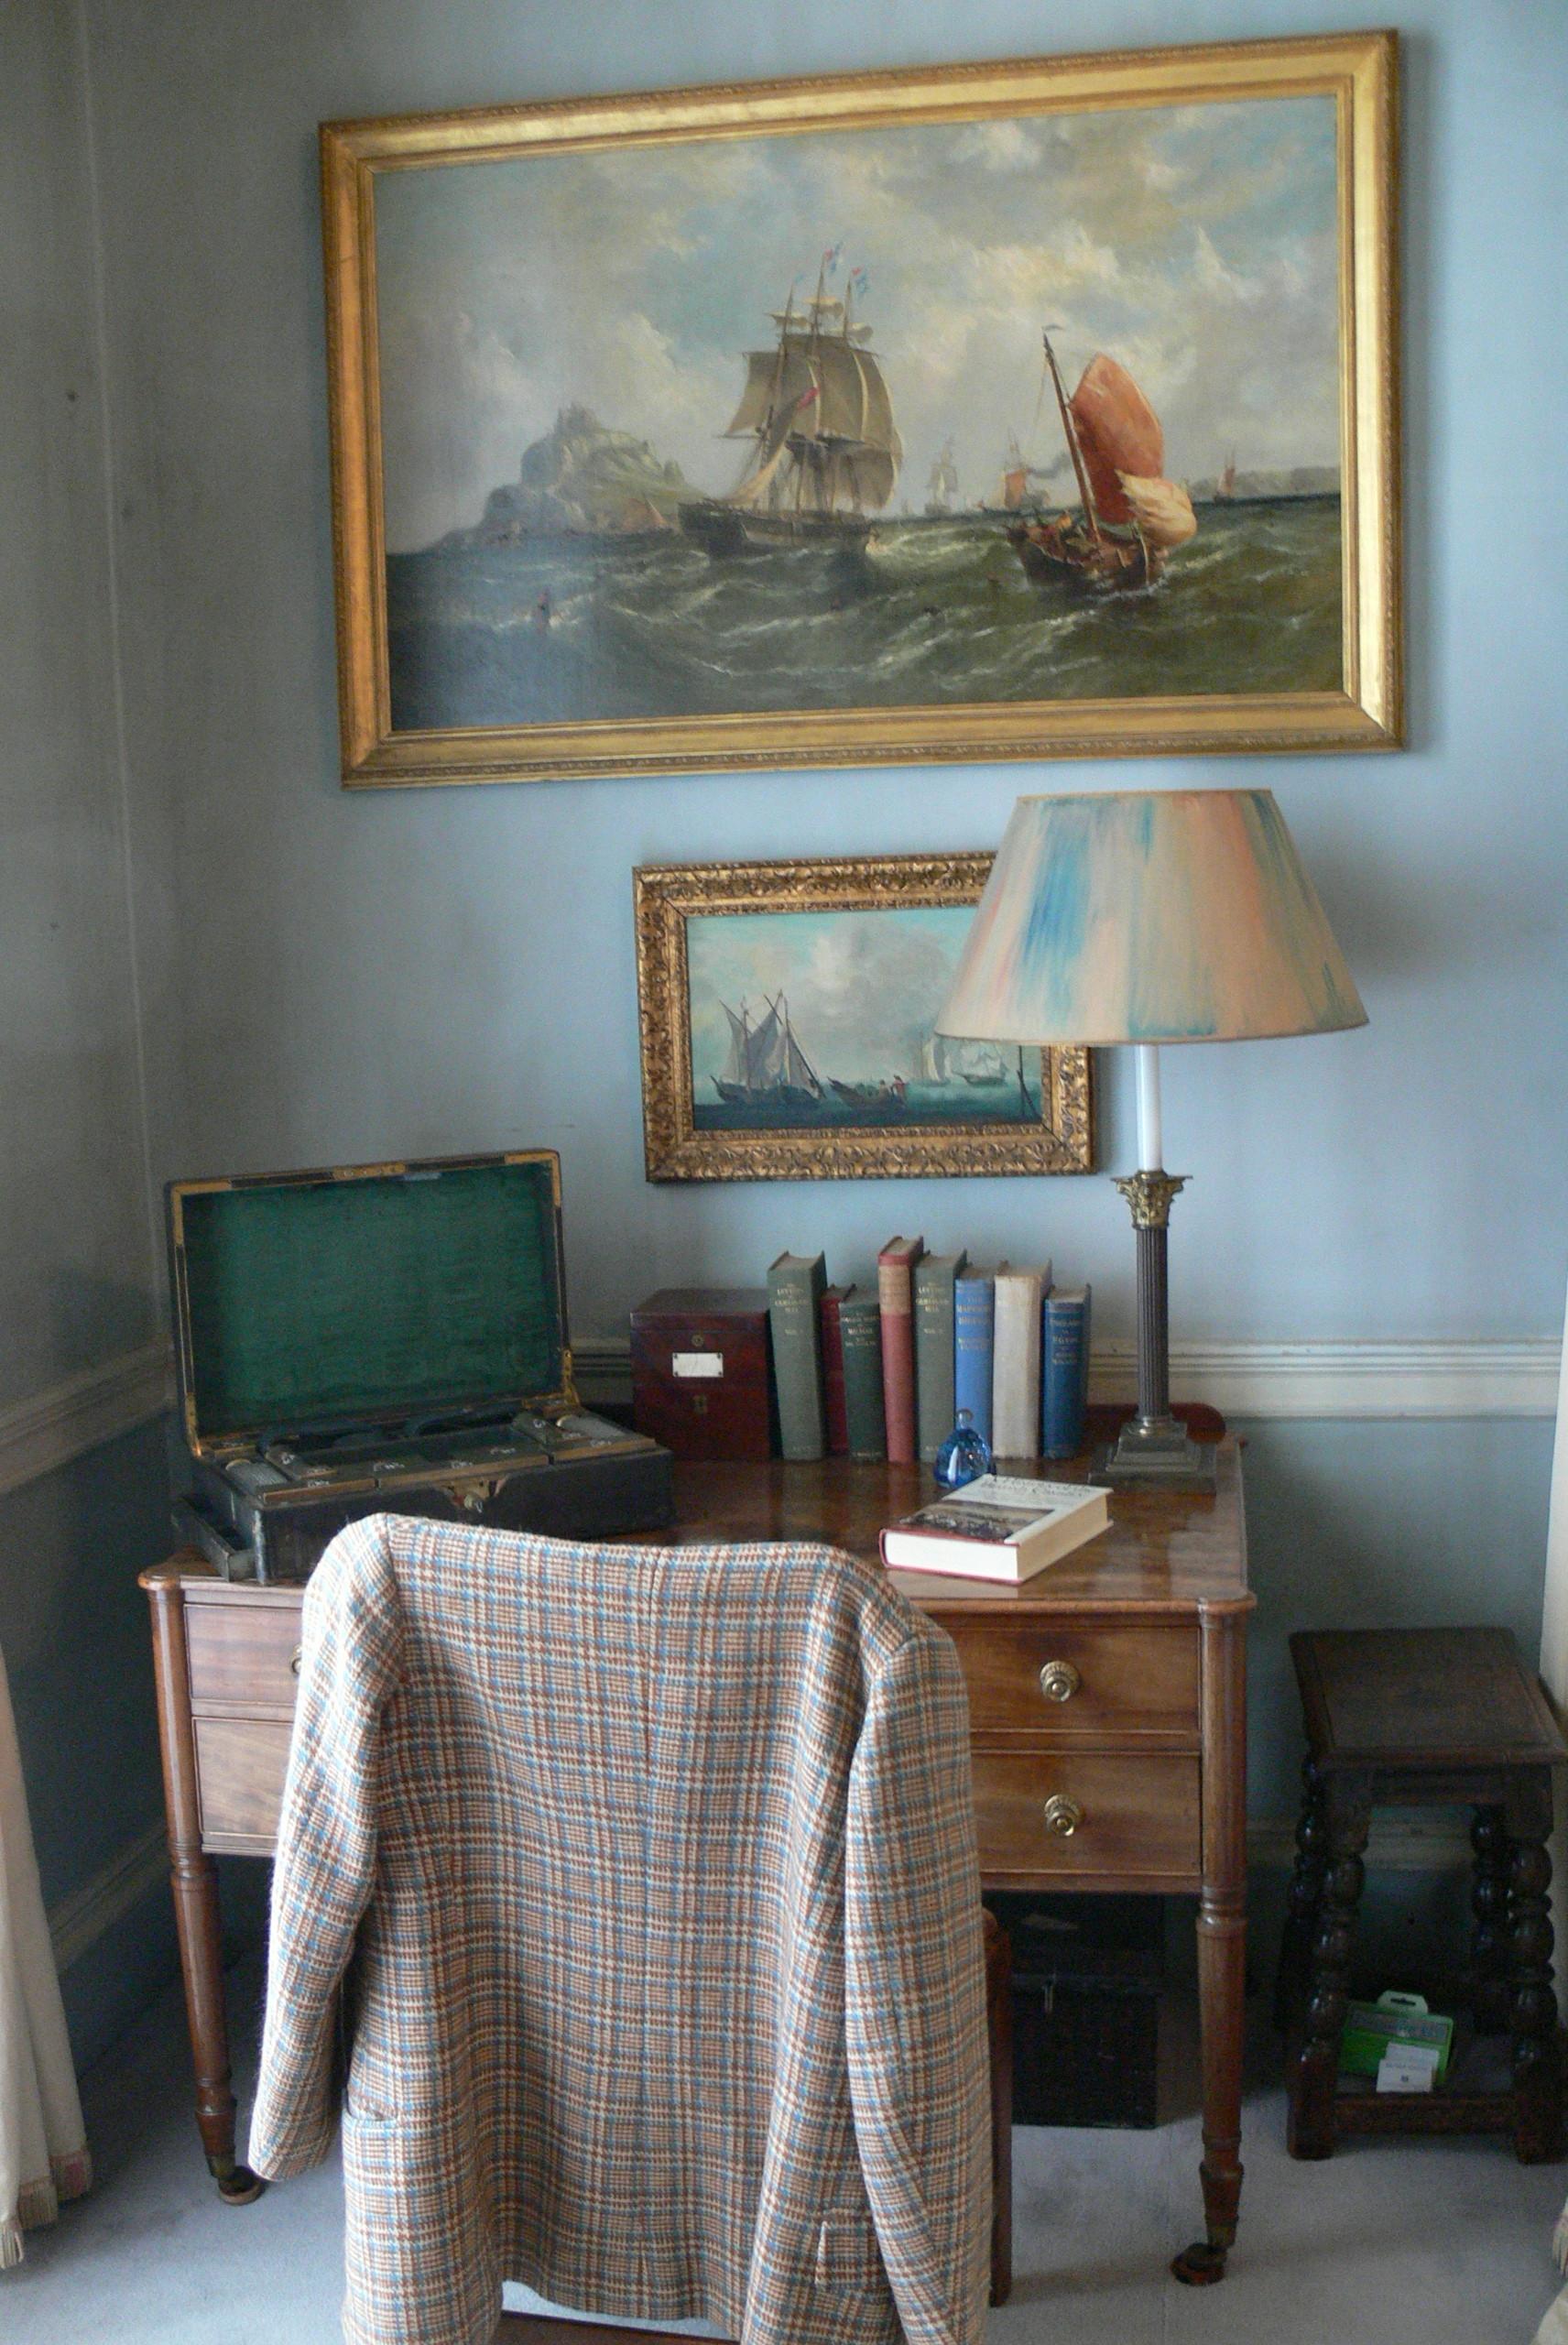 Kinderschreibtisch design  File:Plas Newydd (Anglesey) - Schlafzimmer Lord 1 Schreibtisch.jpg ...